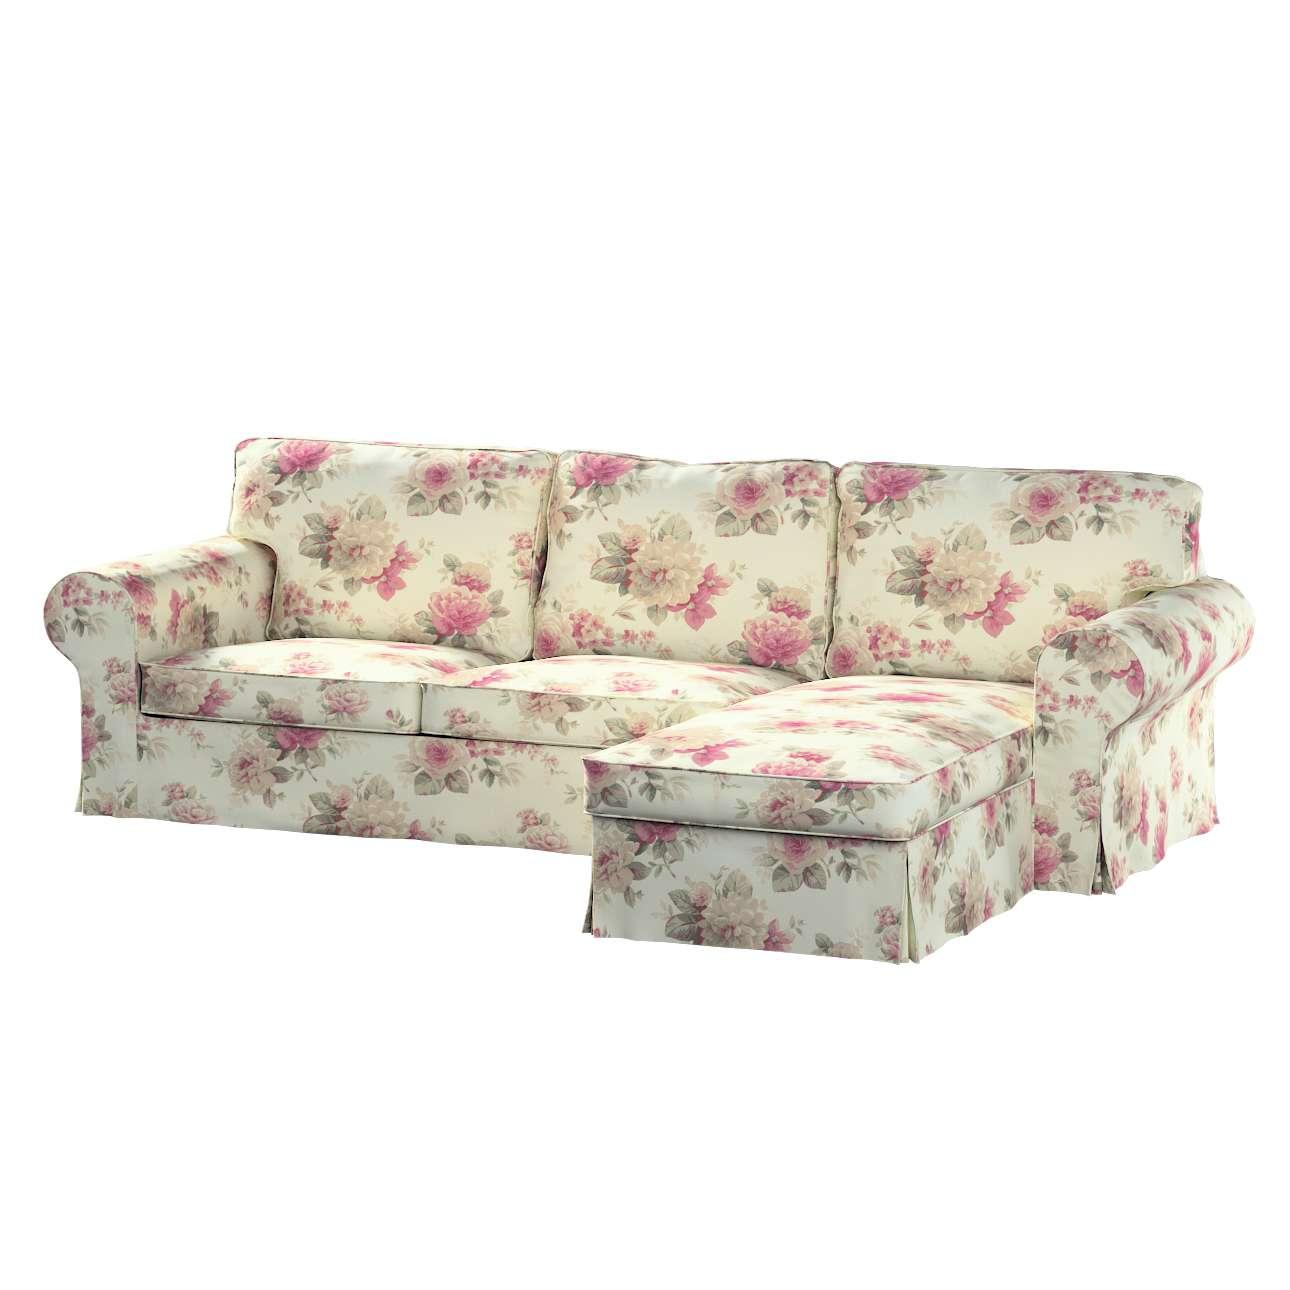 Ektorp dvivietės sofos su gulimuoju krėslu užvalkalas Ikea Ektorp dvivietės sofos su gulimuoju krėslu užvalkalas kolekcijoje Mirella, audinys: 141-07